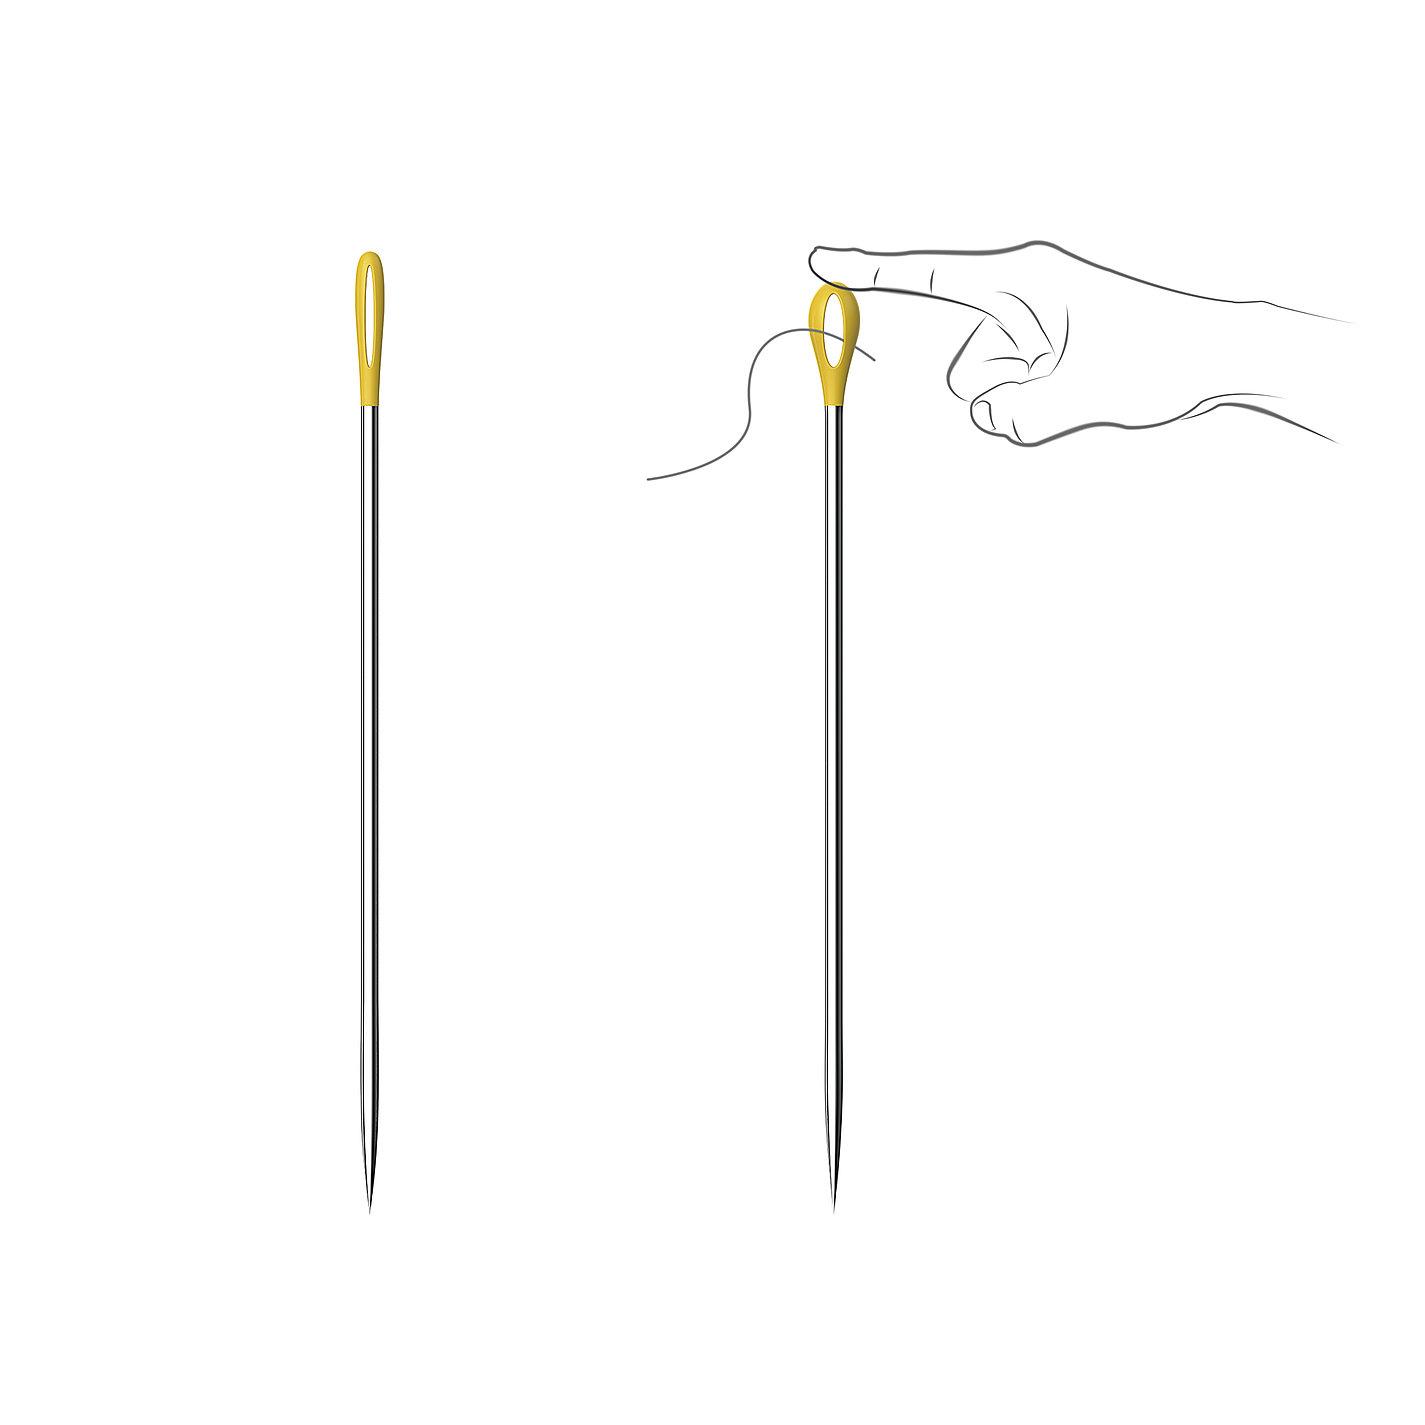 彩头缝衣针,针孔可大可小,穿针引线更方便